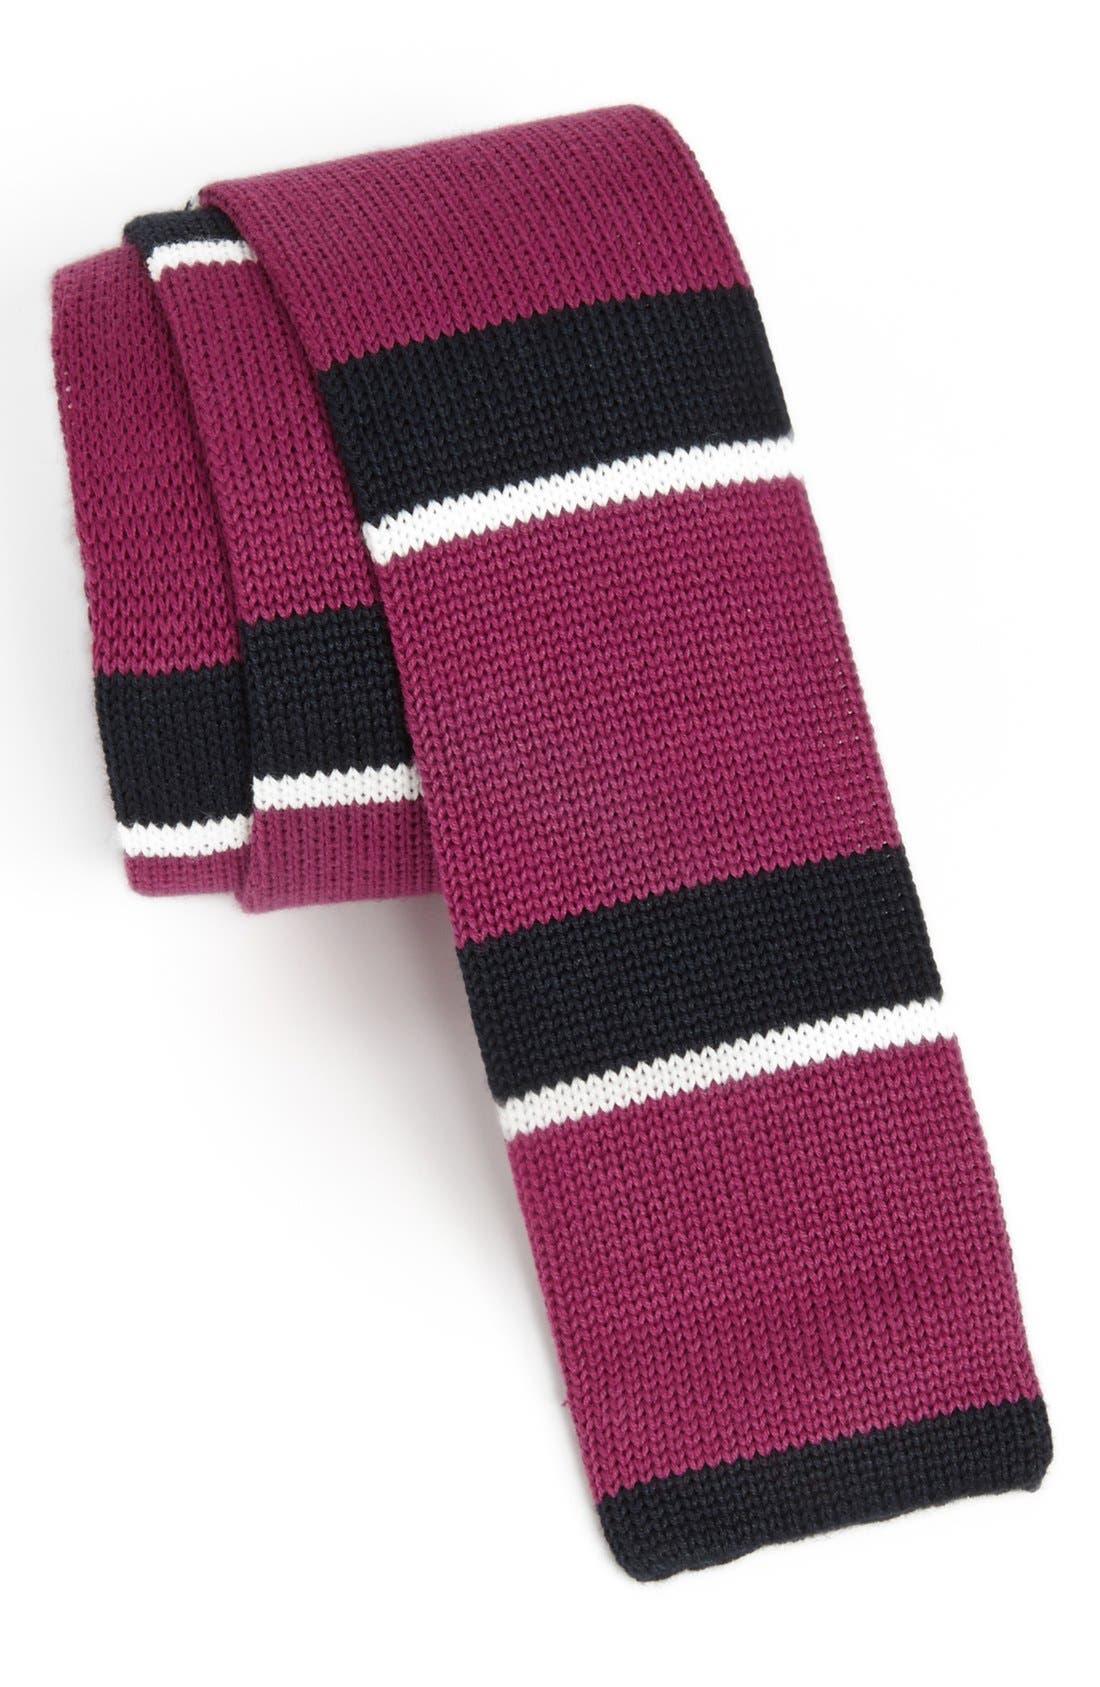 Main Image - 1901 Knit Cotton Tie